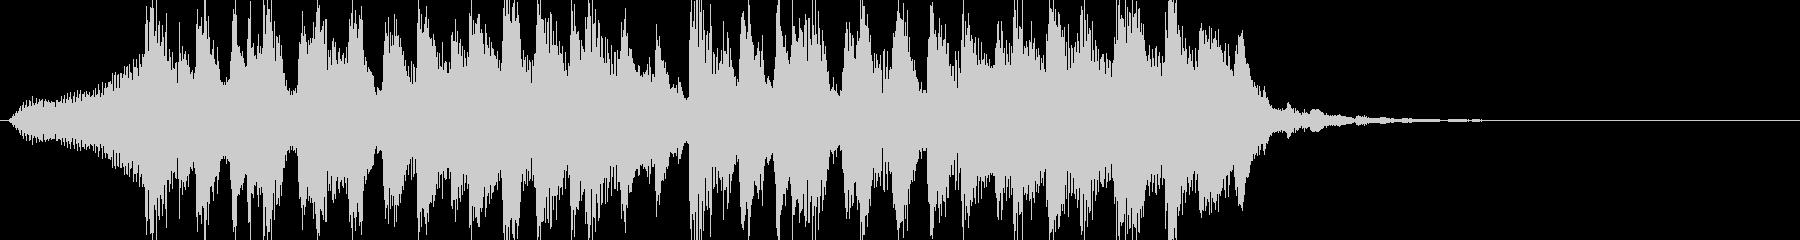 爽やかストリングピアノPOPジングルの未再生の波形